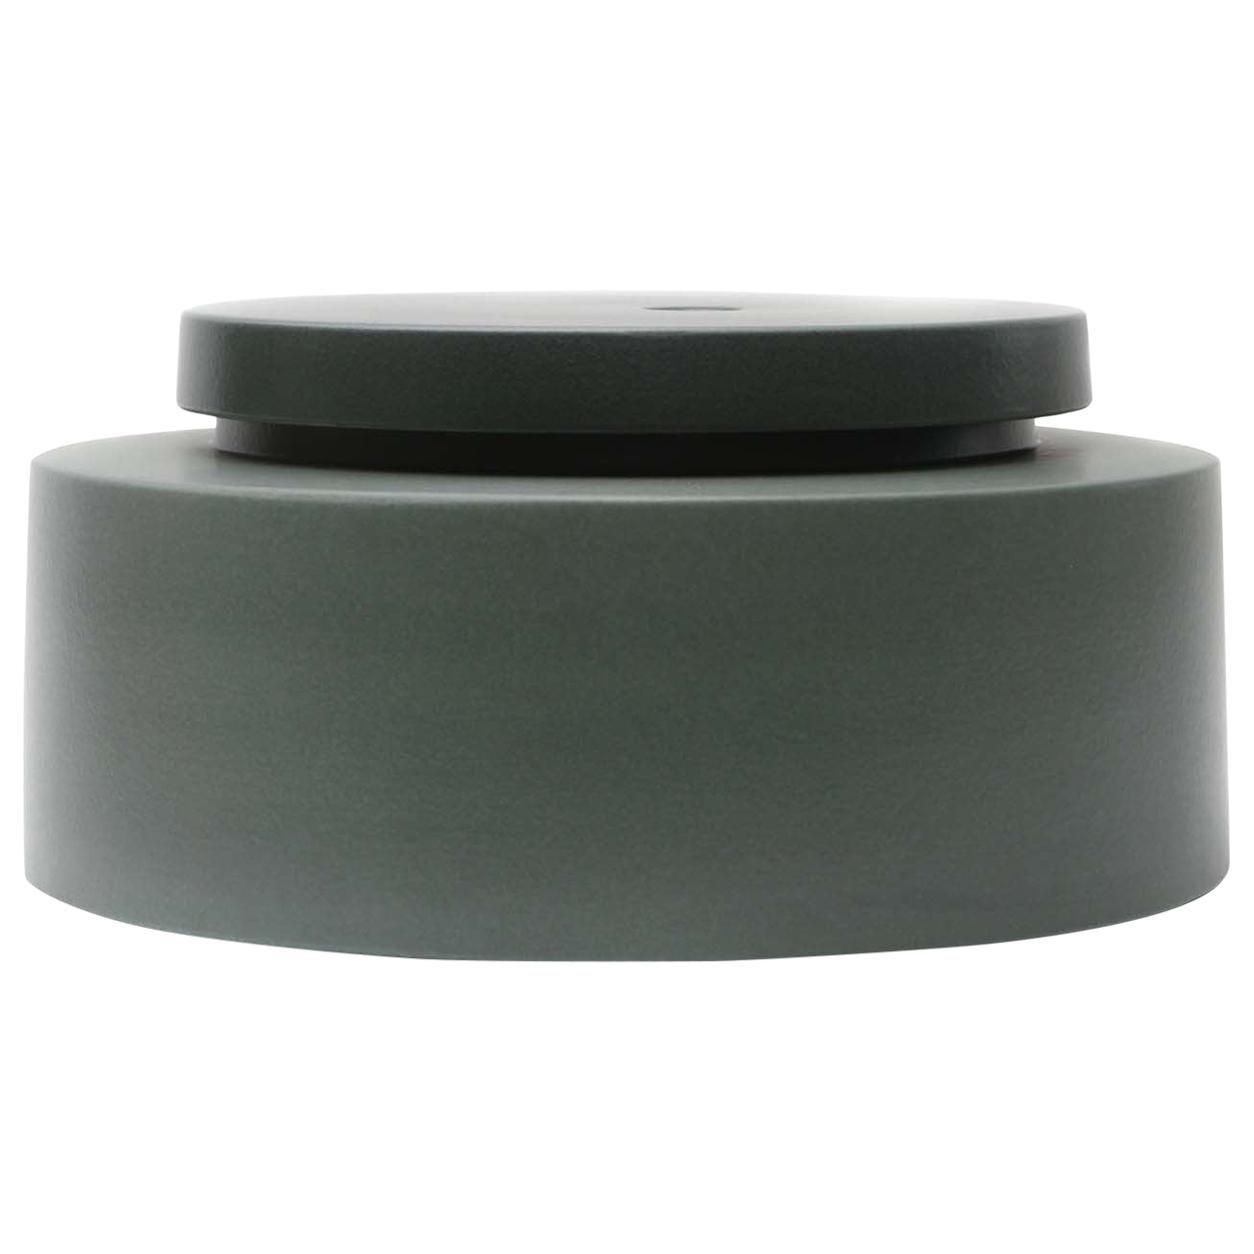 Silos Stackable Vase Green